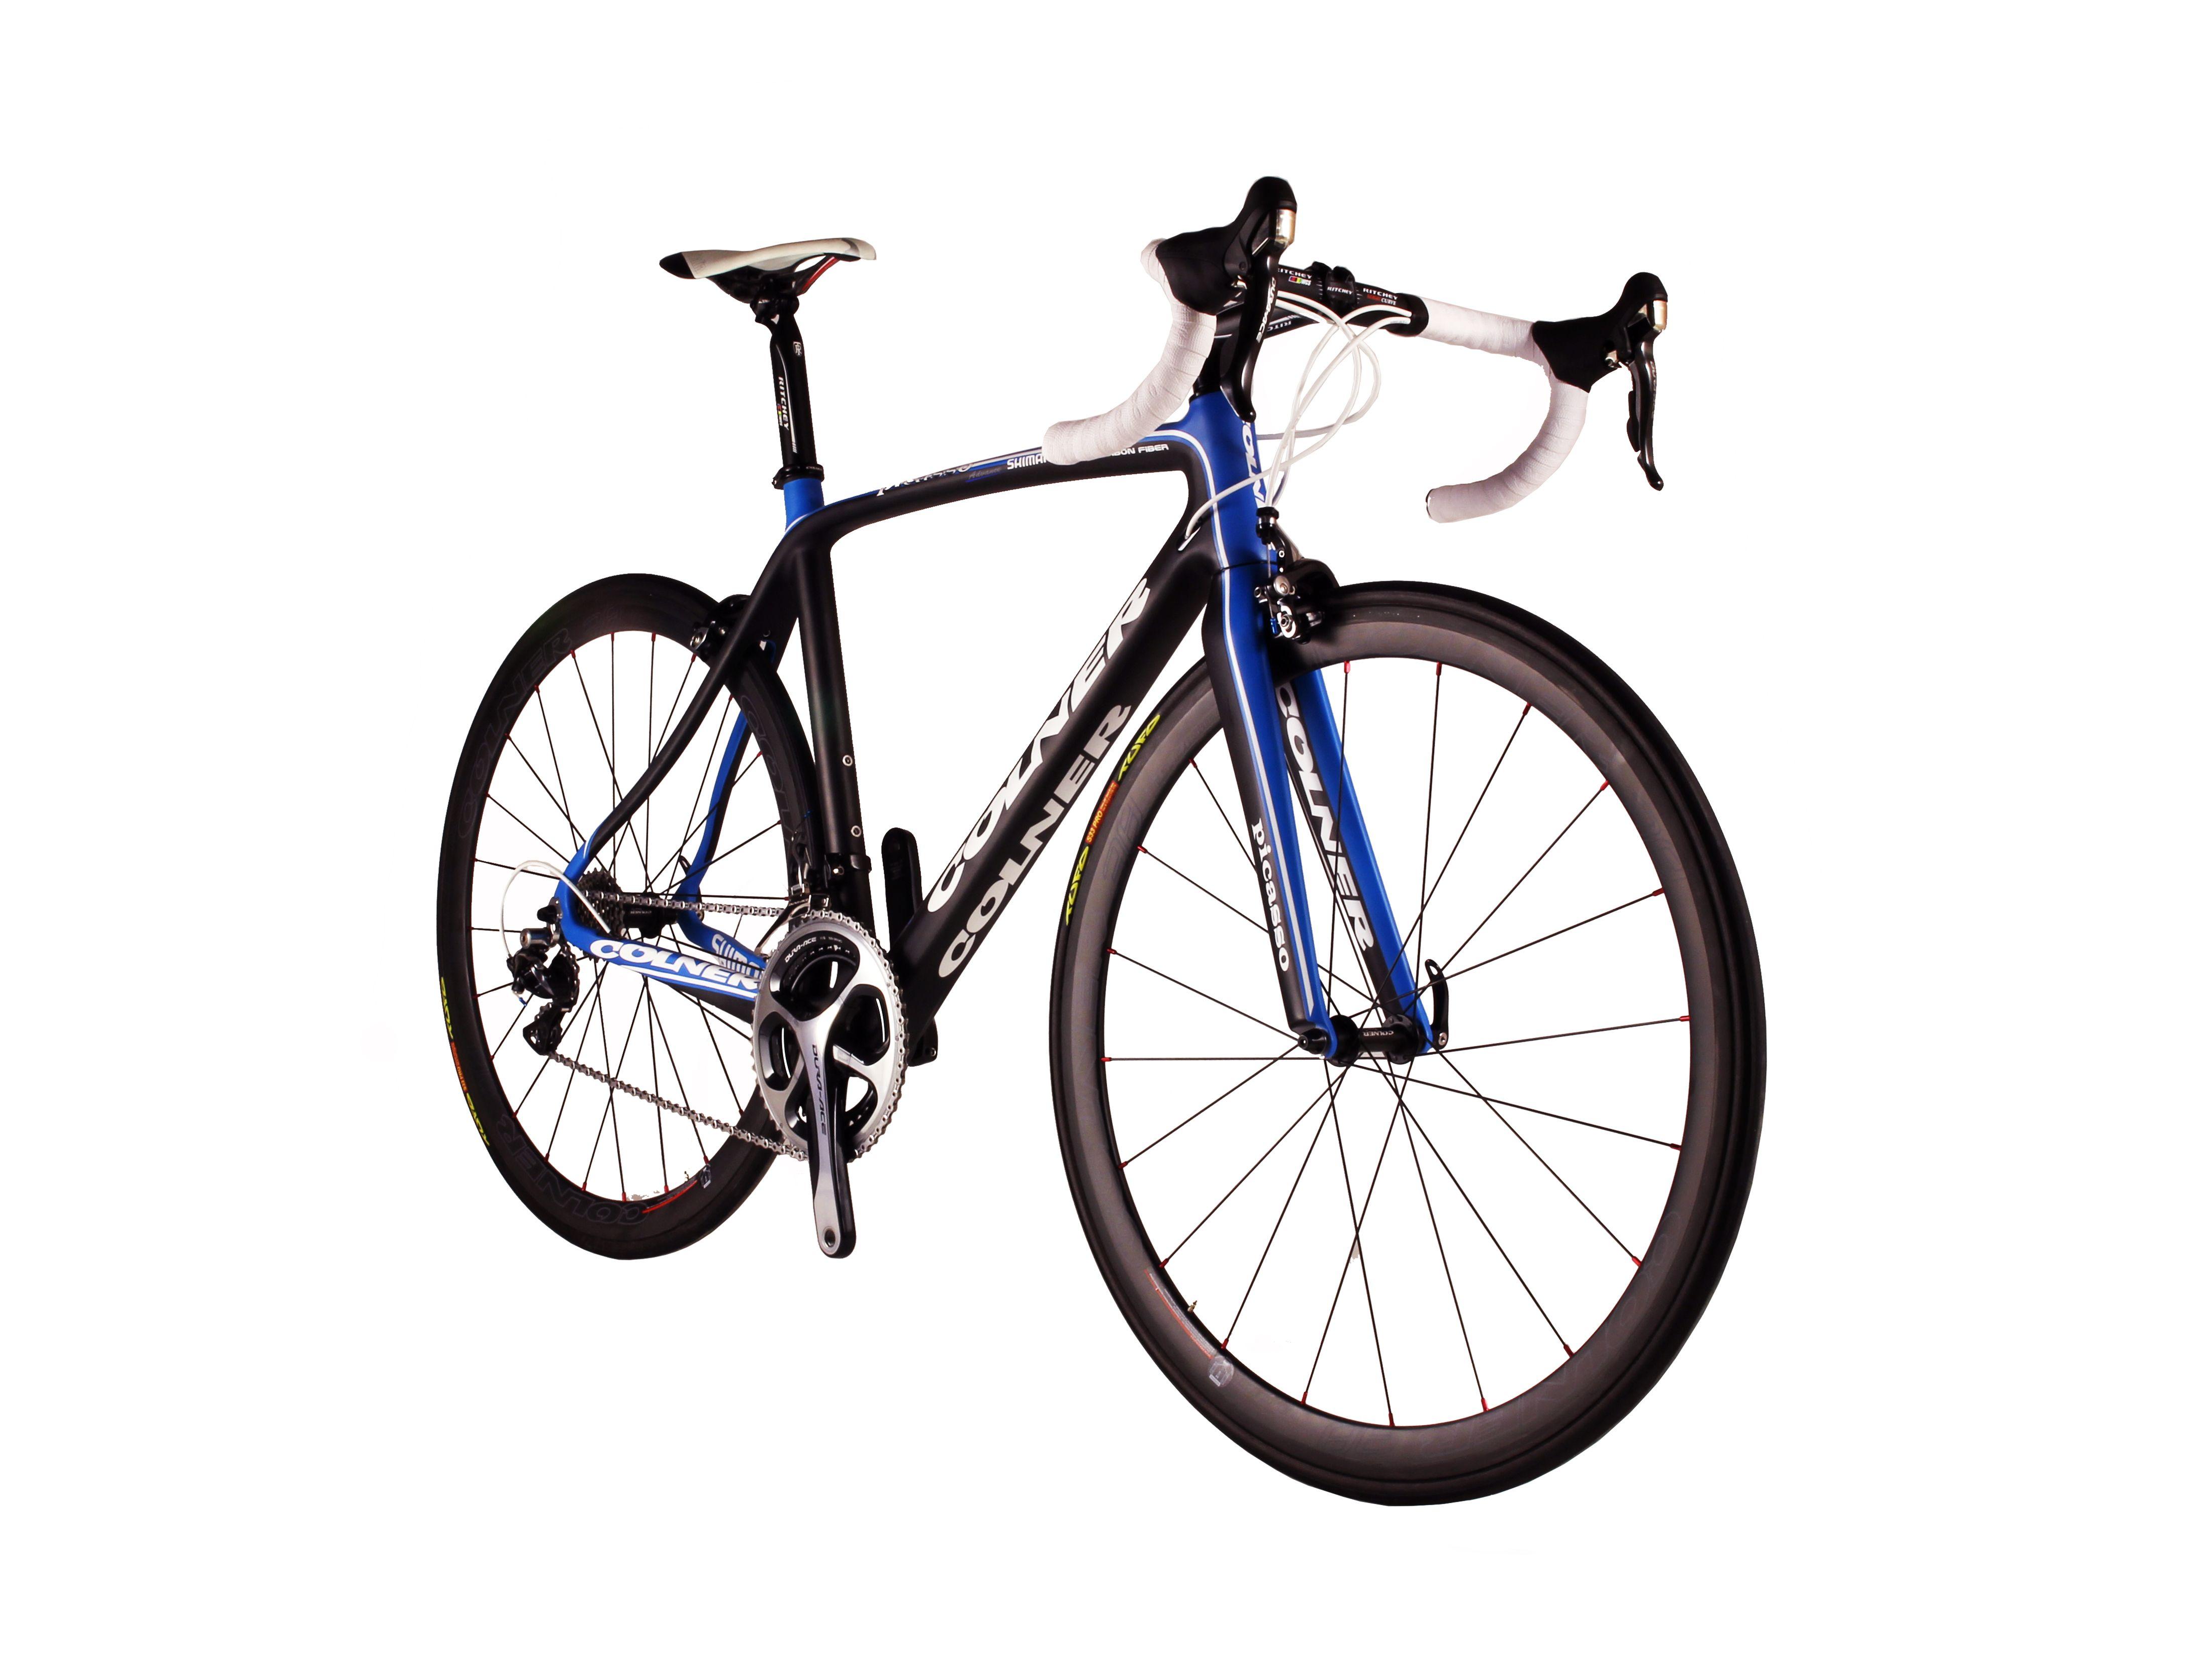 Interna Art 1028 Bicicleta Colner Picasso Advanced Colner Bicicletas Internado